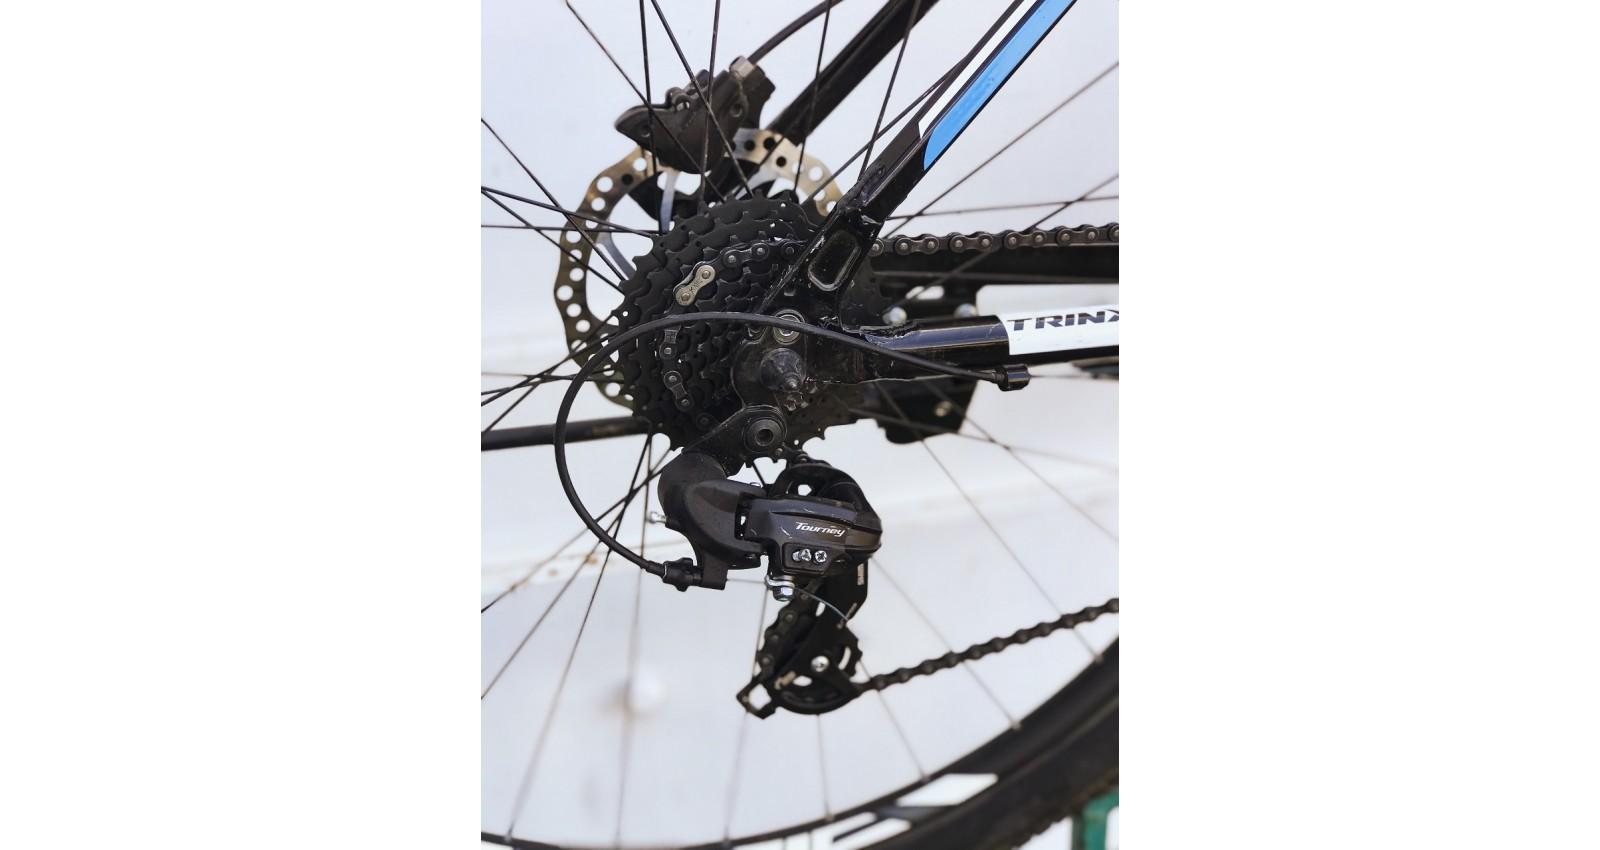 """Велосипед М600 Expert Pro Trinx 29"""" рама 17, 2020 черный/серый/голубой б/у - № Фото 1 - № Фото 2 - № Фото 3"""